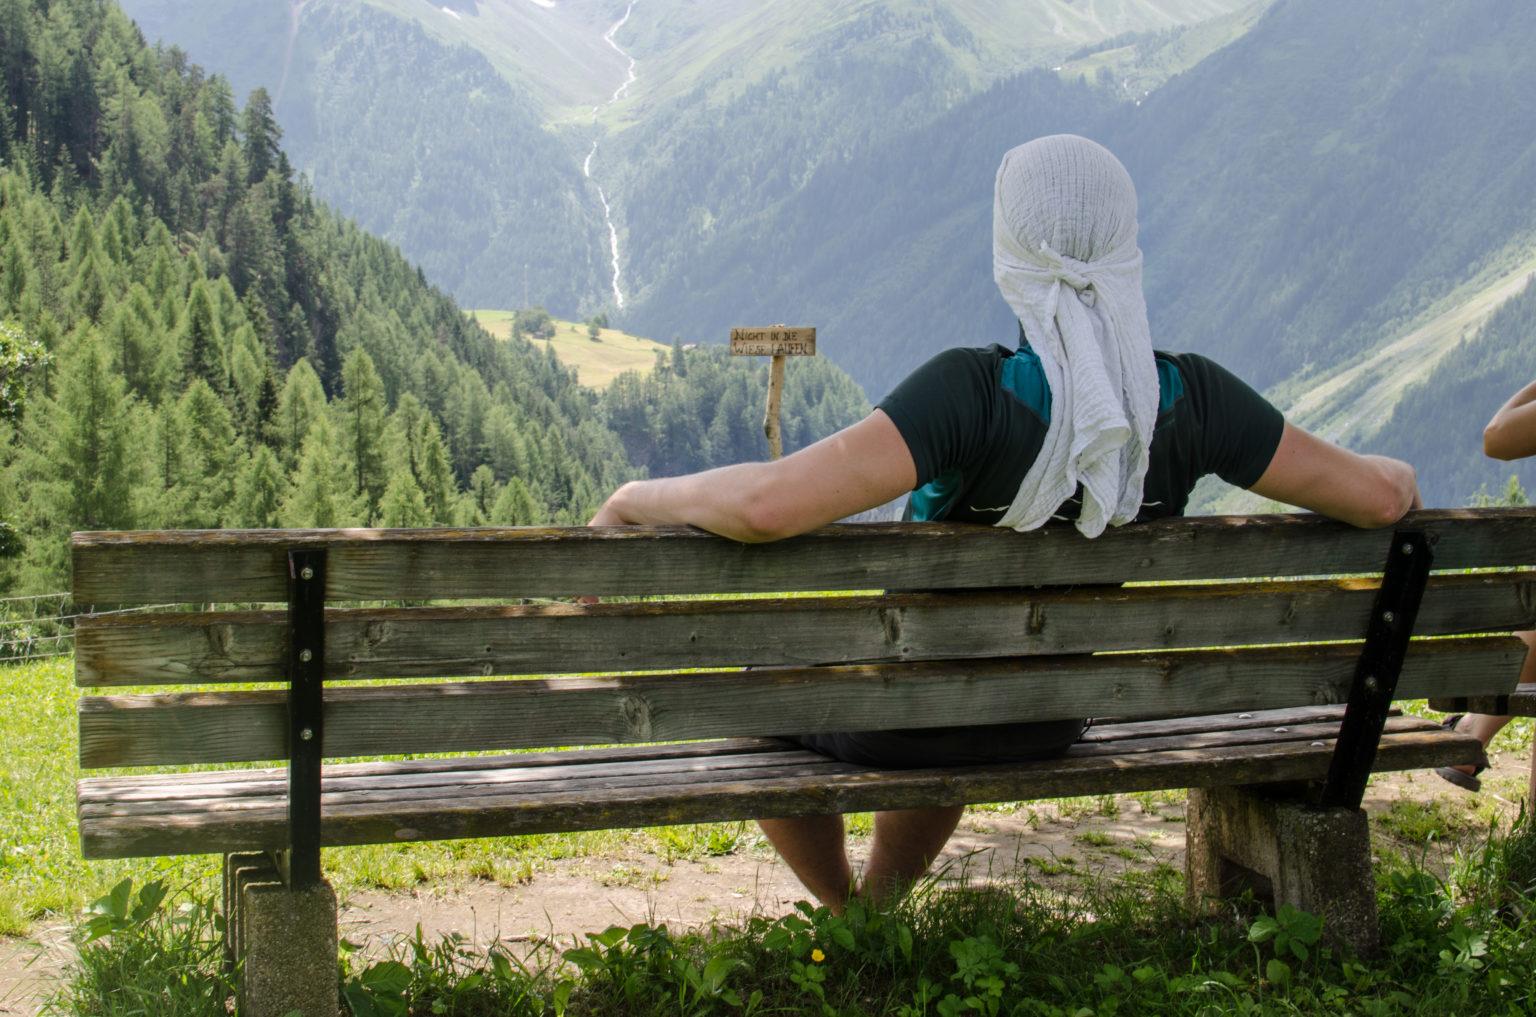 Mężczyzna siedzi na ławce w górach